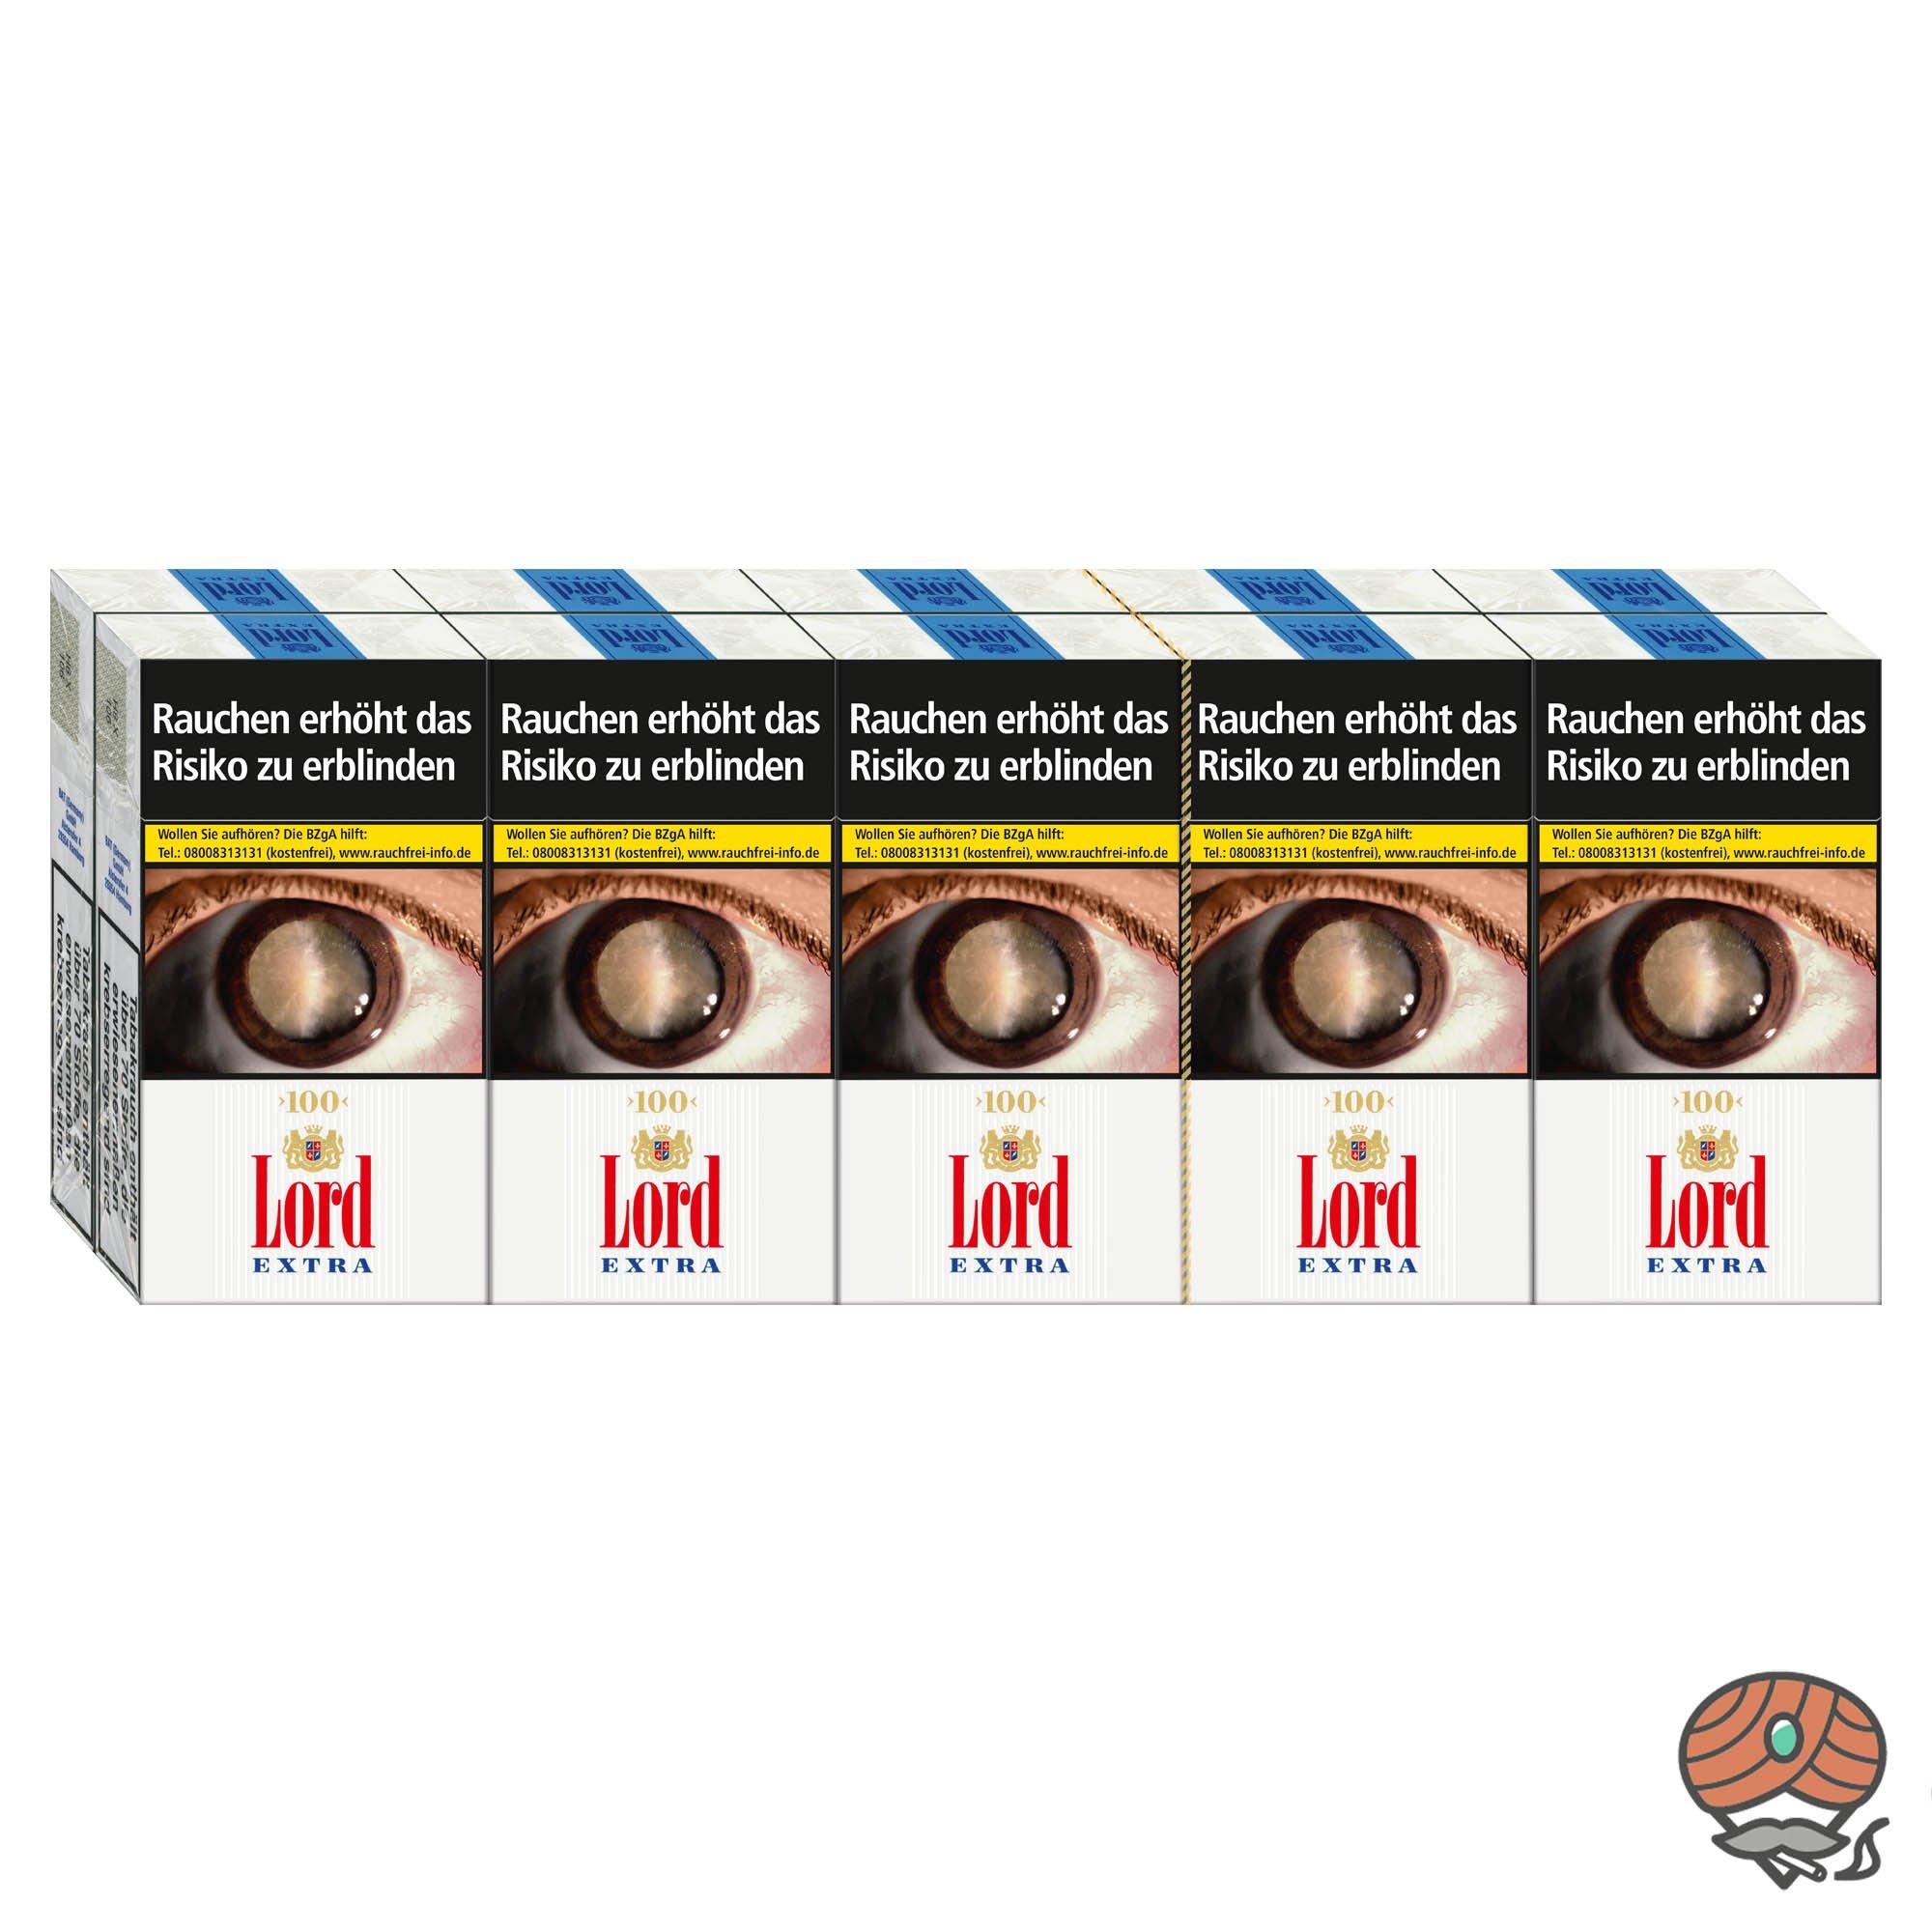 Stange Lord Extra 100er / Long Zigaretten 10 x 20 Stück